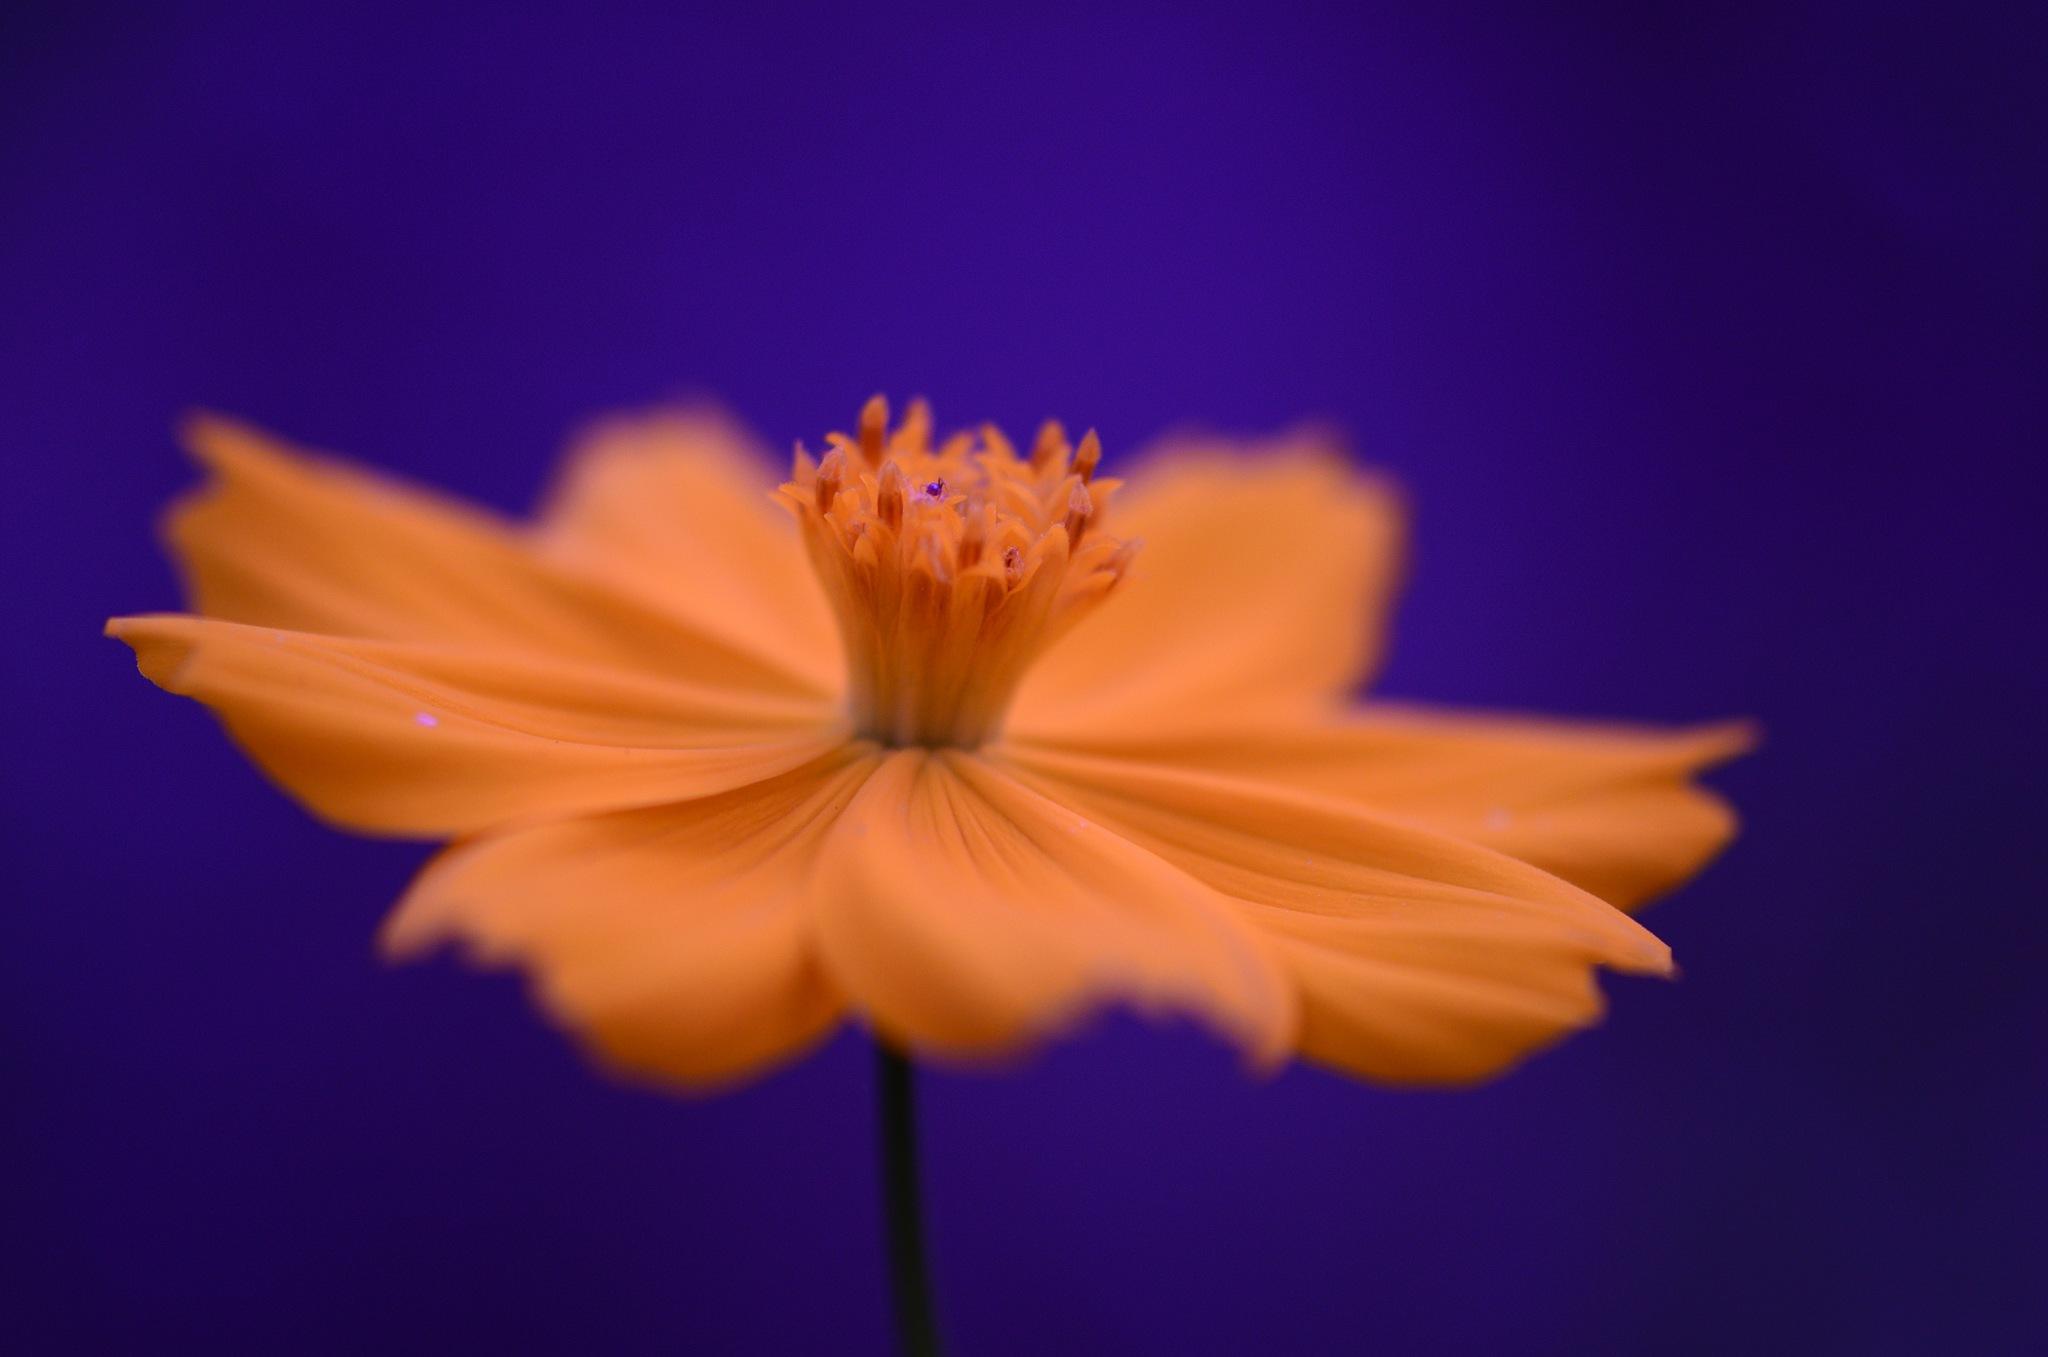 Yellow by Yulius